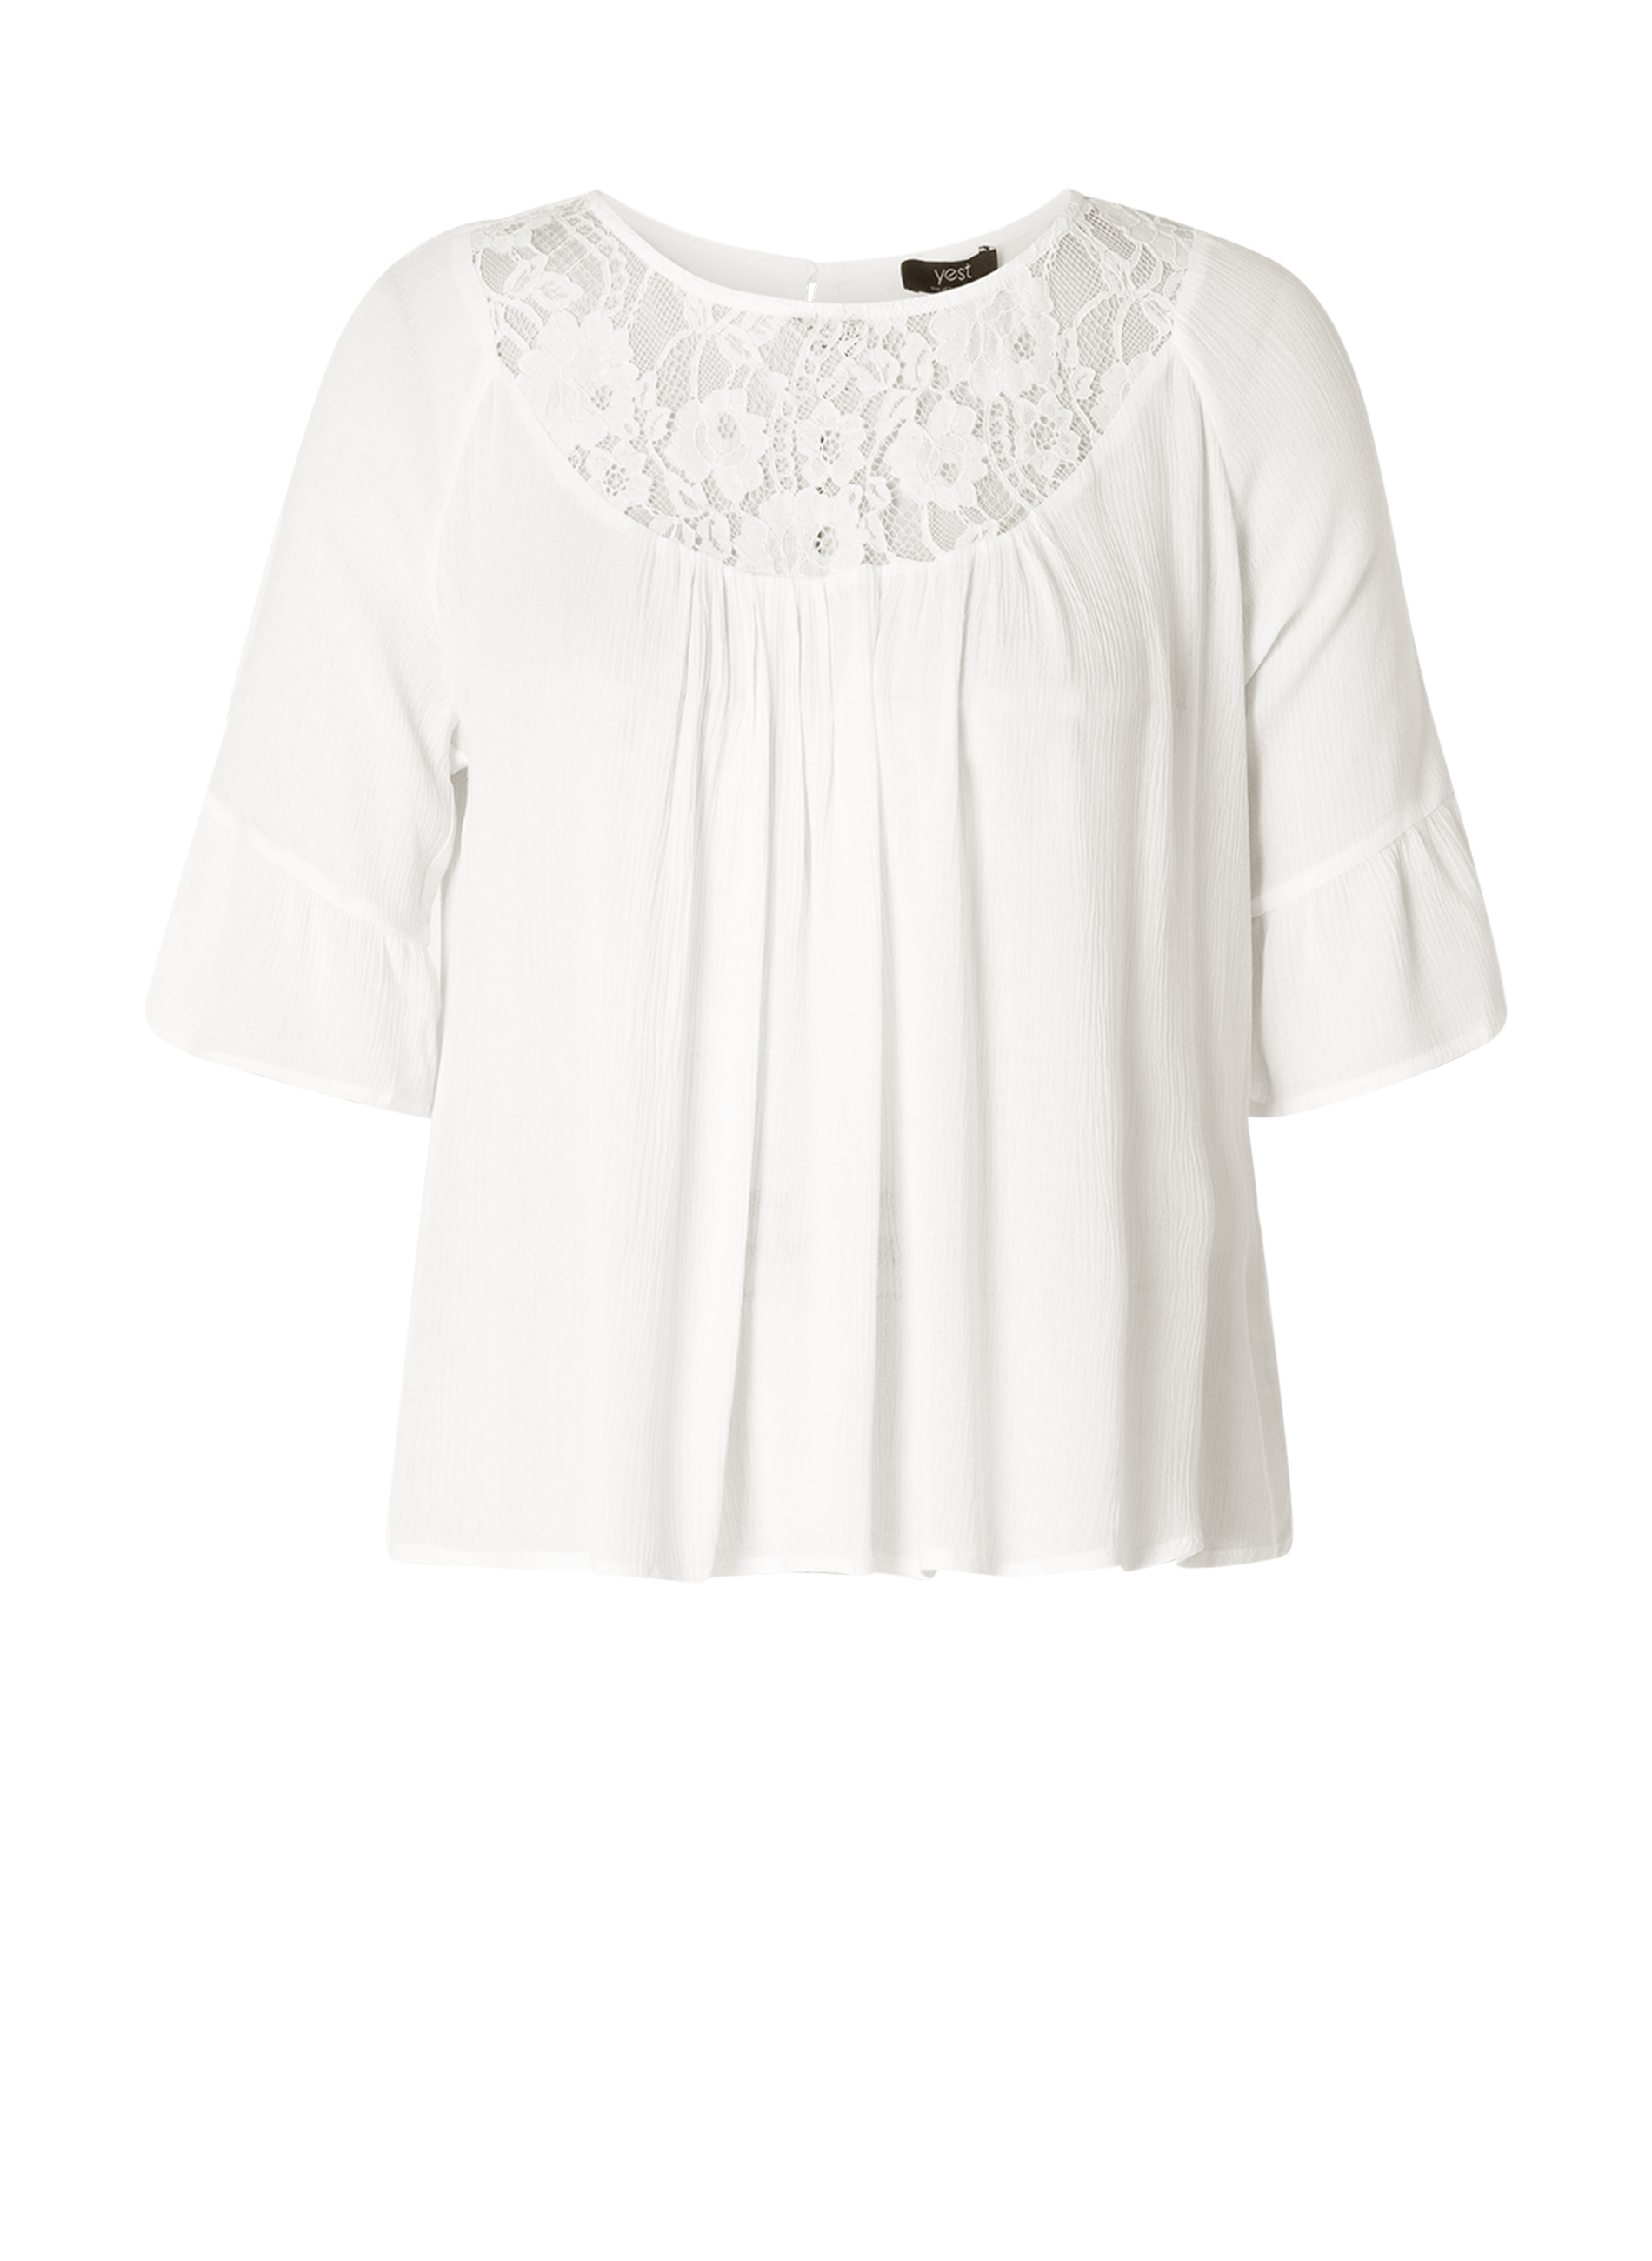 Yesta blouse Jazzebel 76 cm